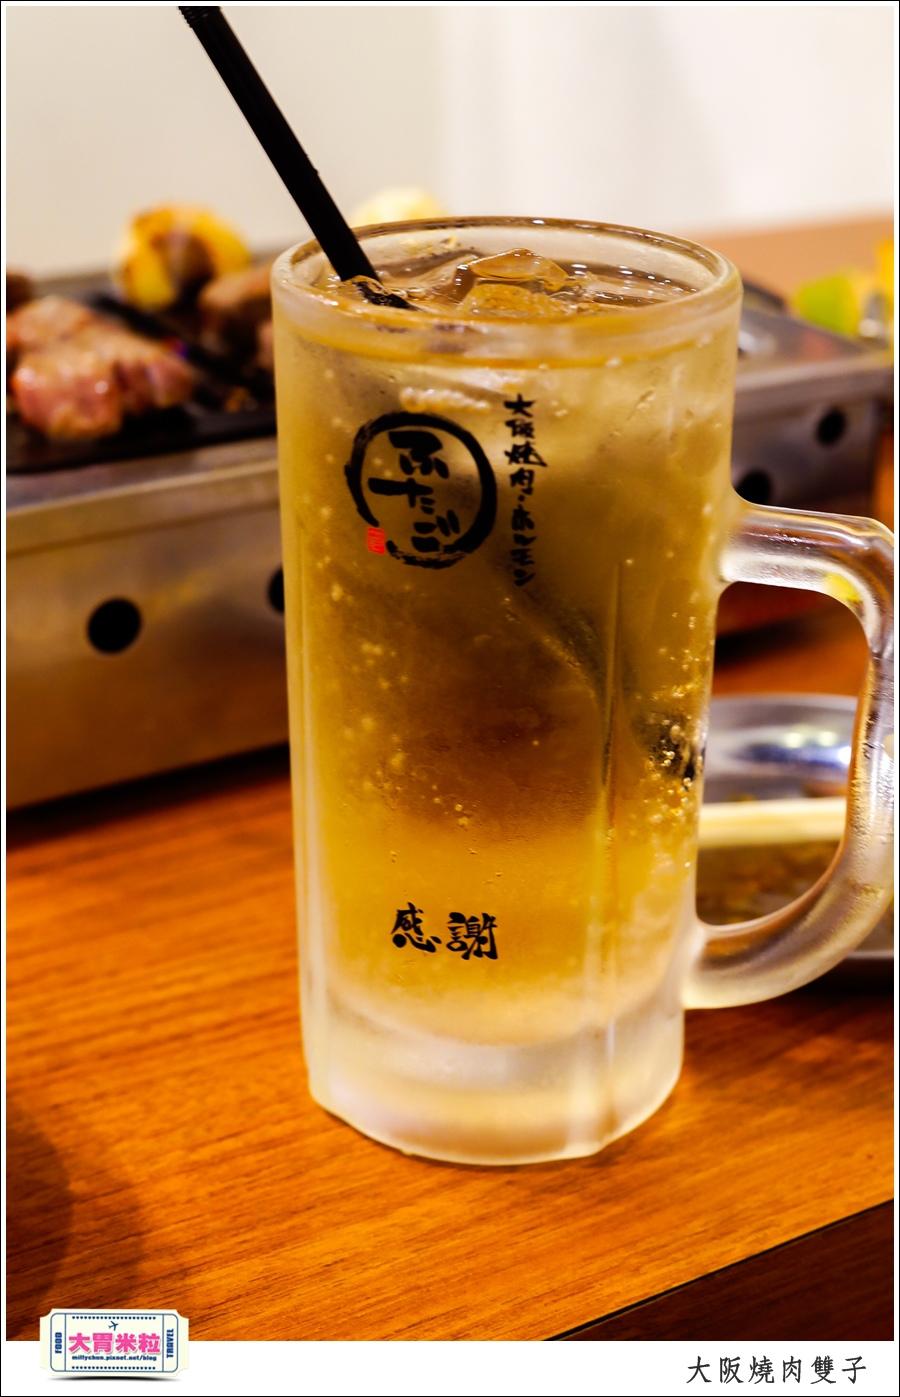 高雄單點燒肉推薦@大阪燒肉雙子高雄店@大胃米粒0050.jpg